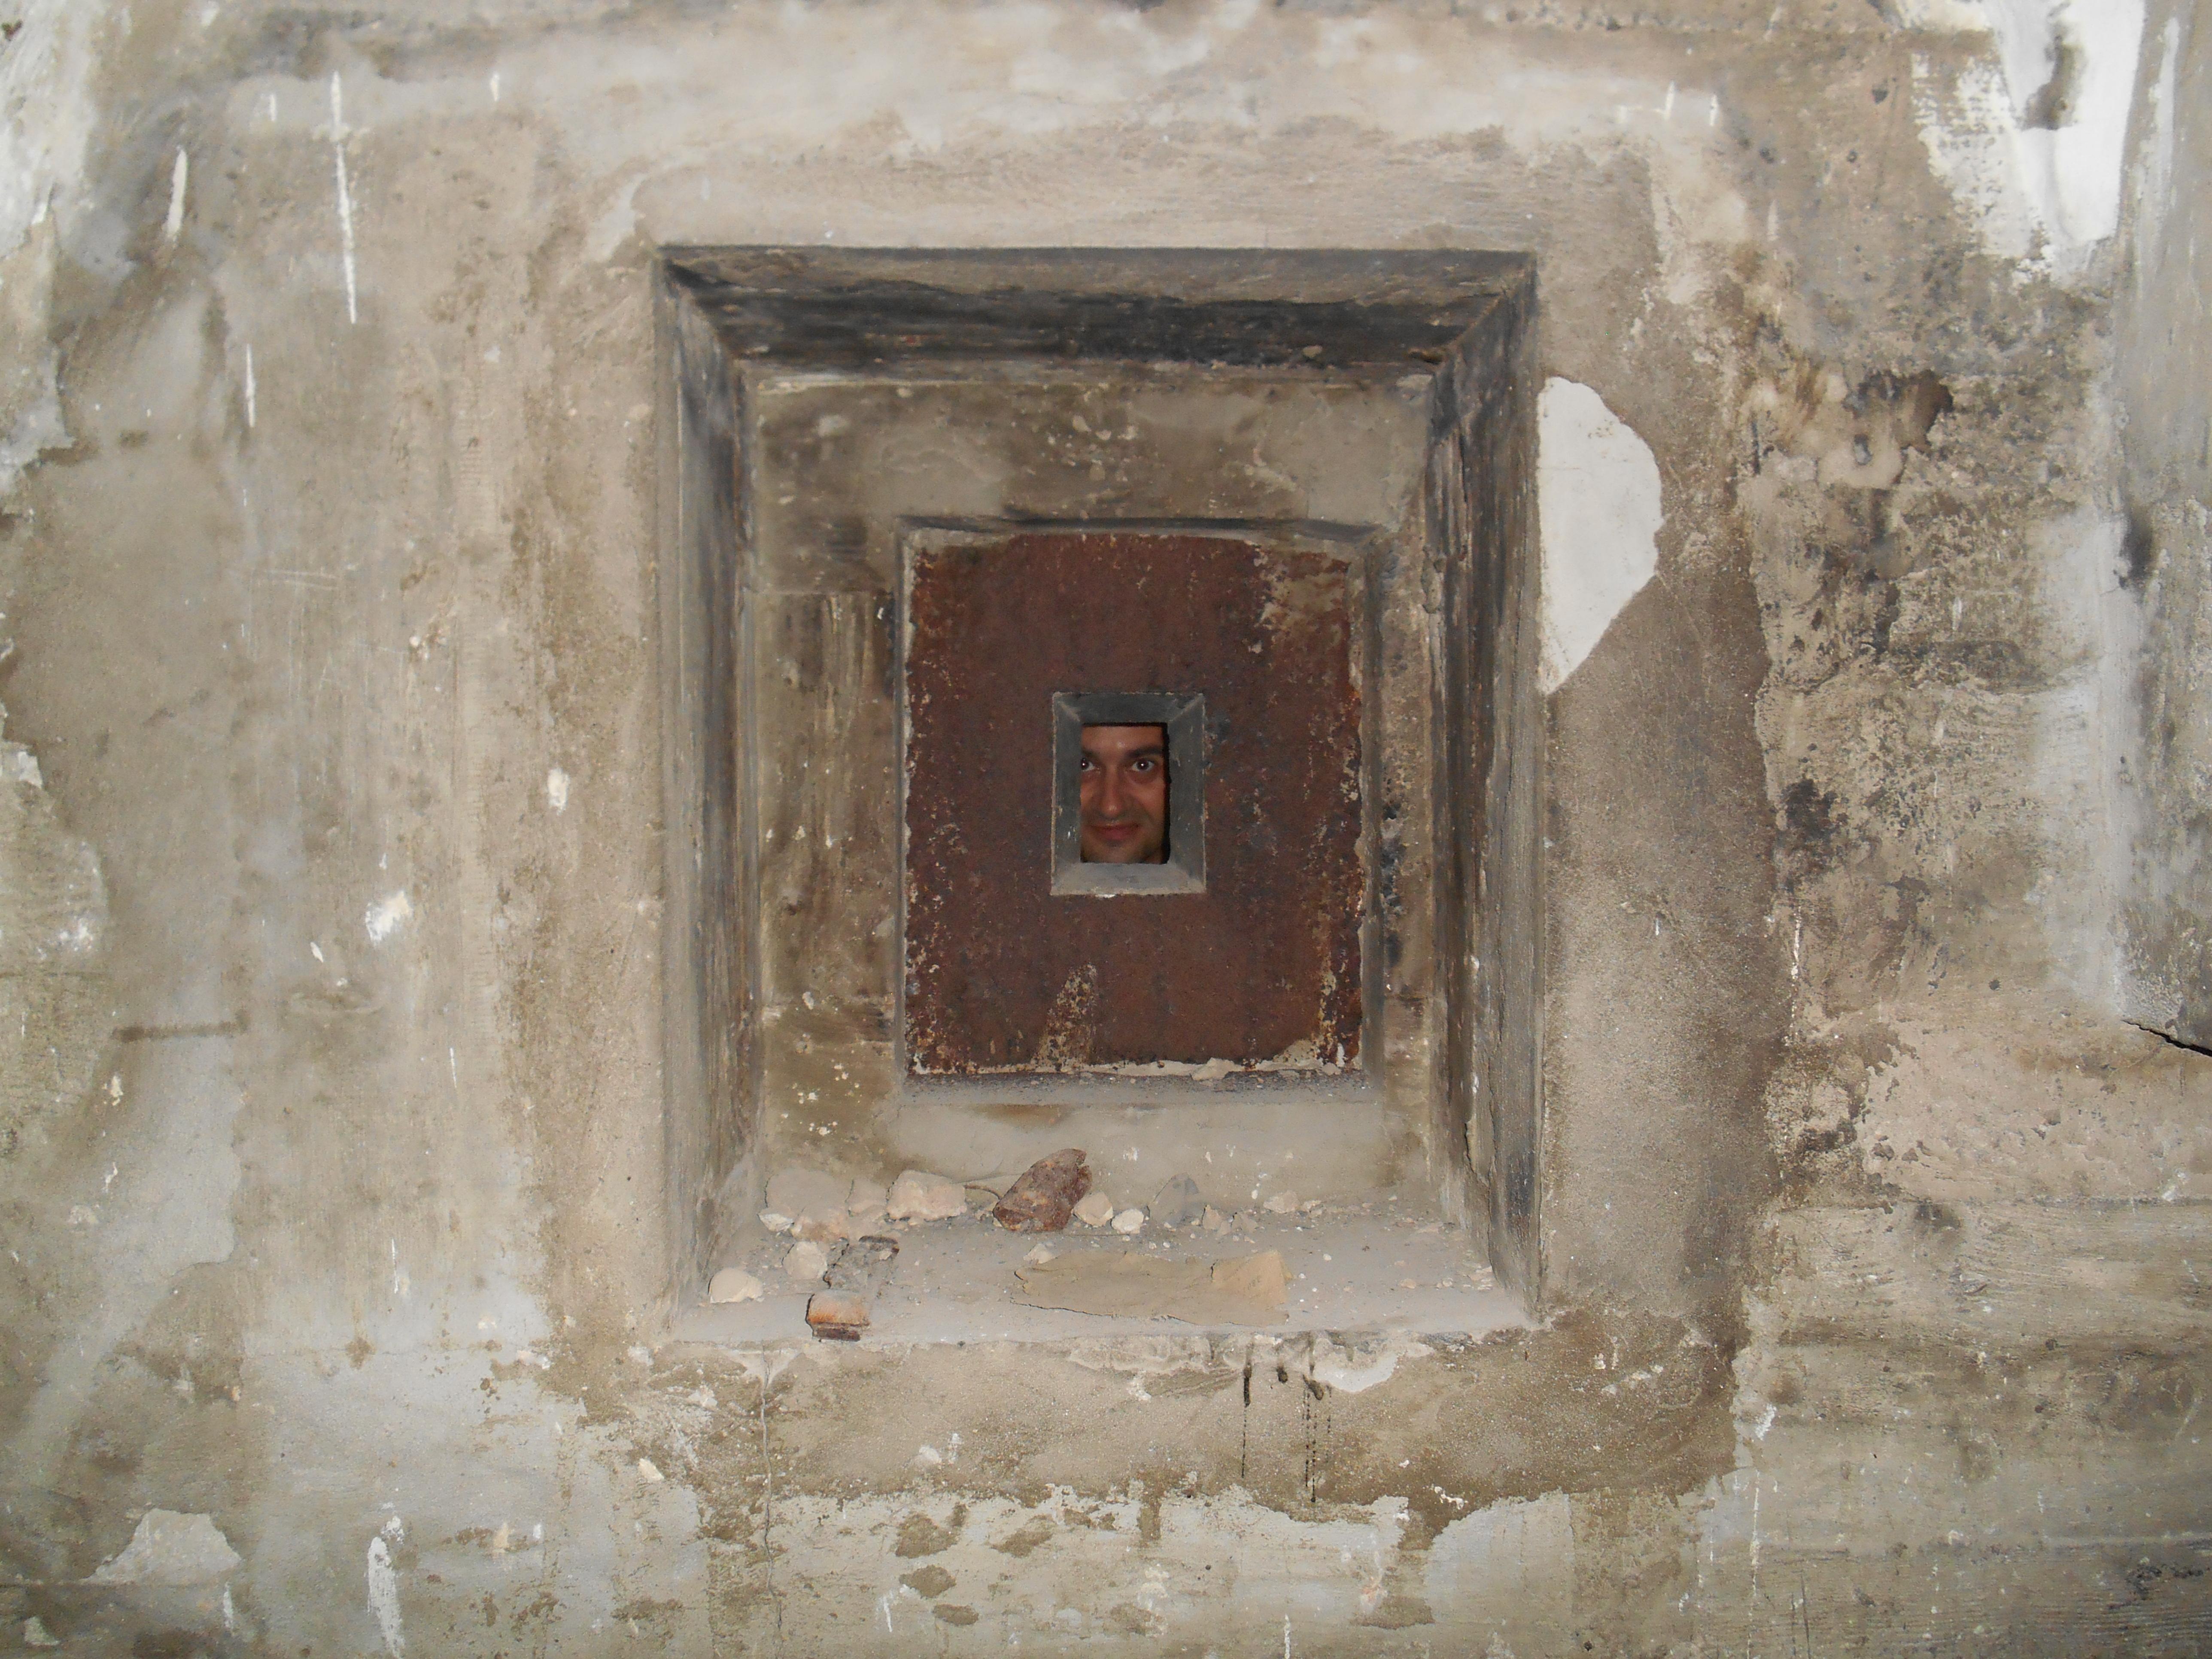 Detail of the machine-gun nest's opening.